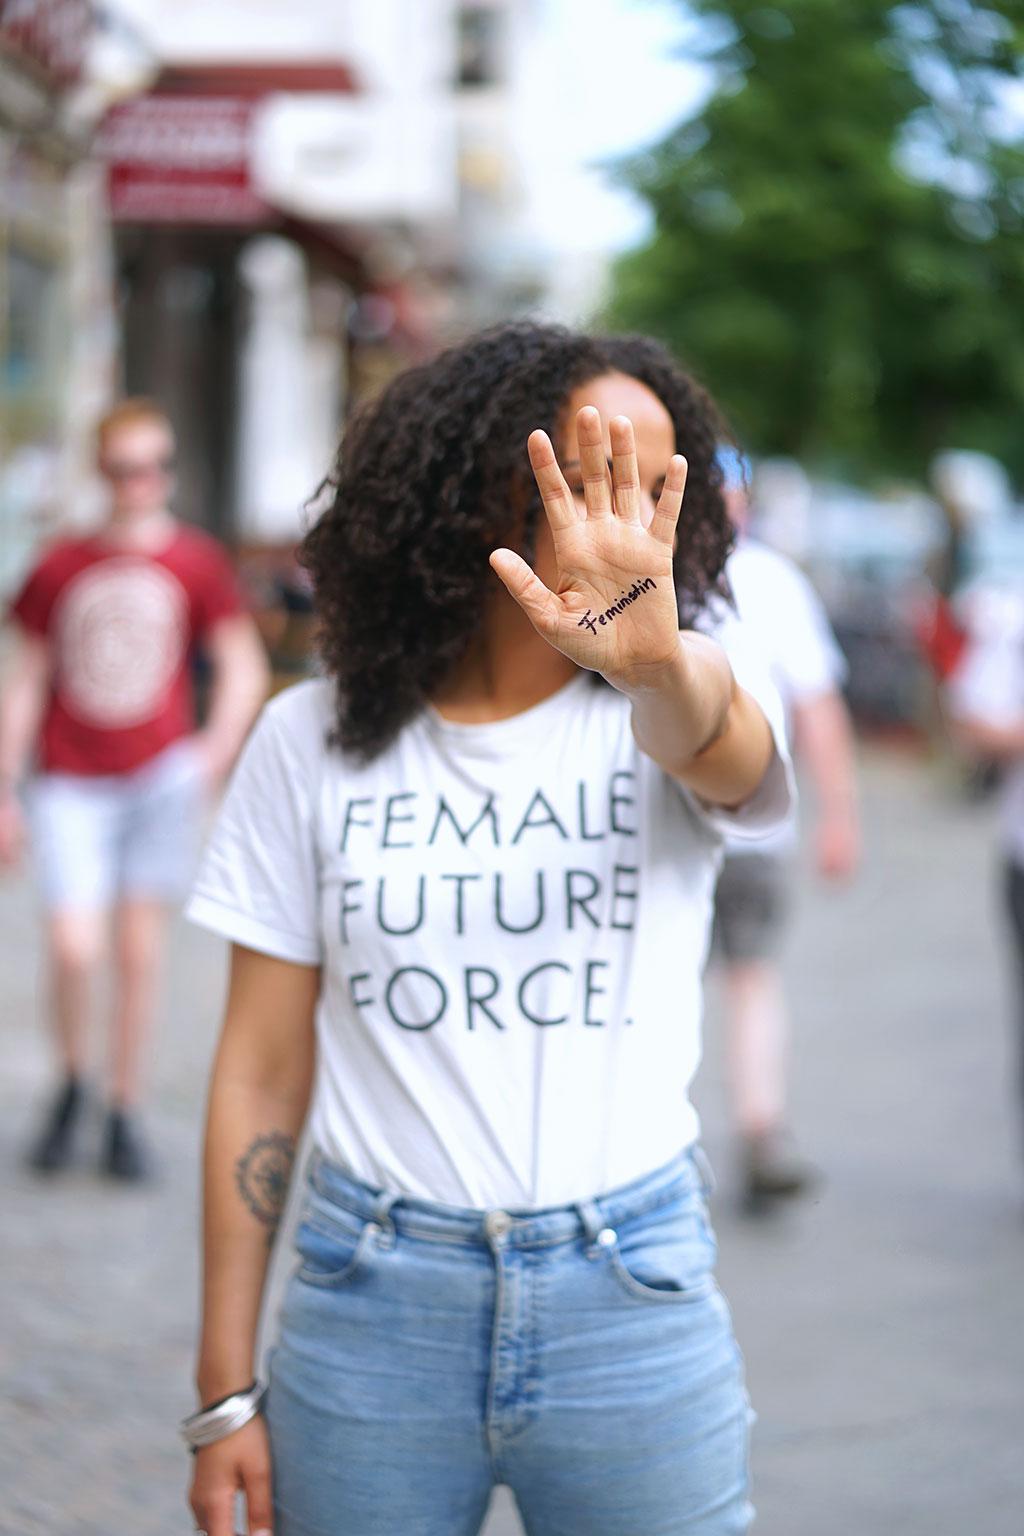 Warum-ist-Feminismus-nur-für-weiße-Frauen-